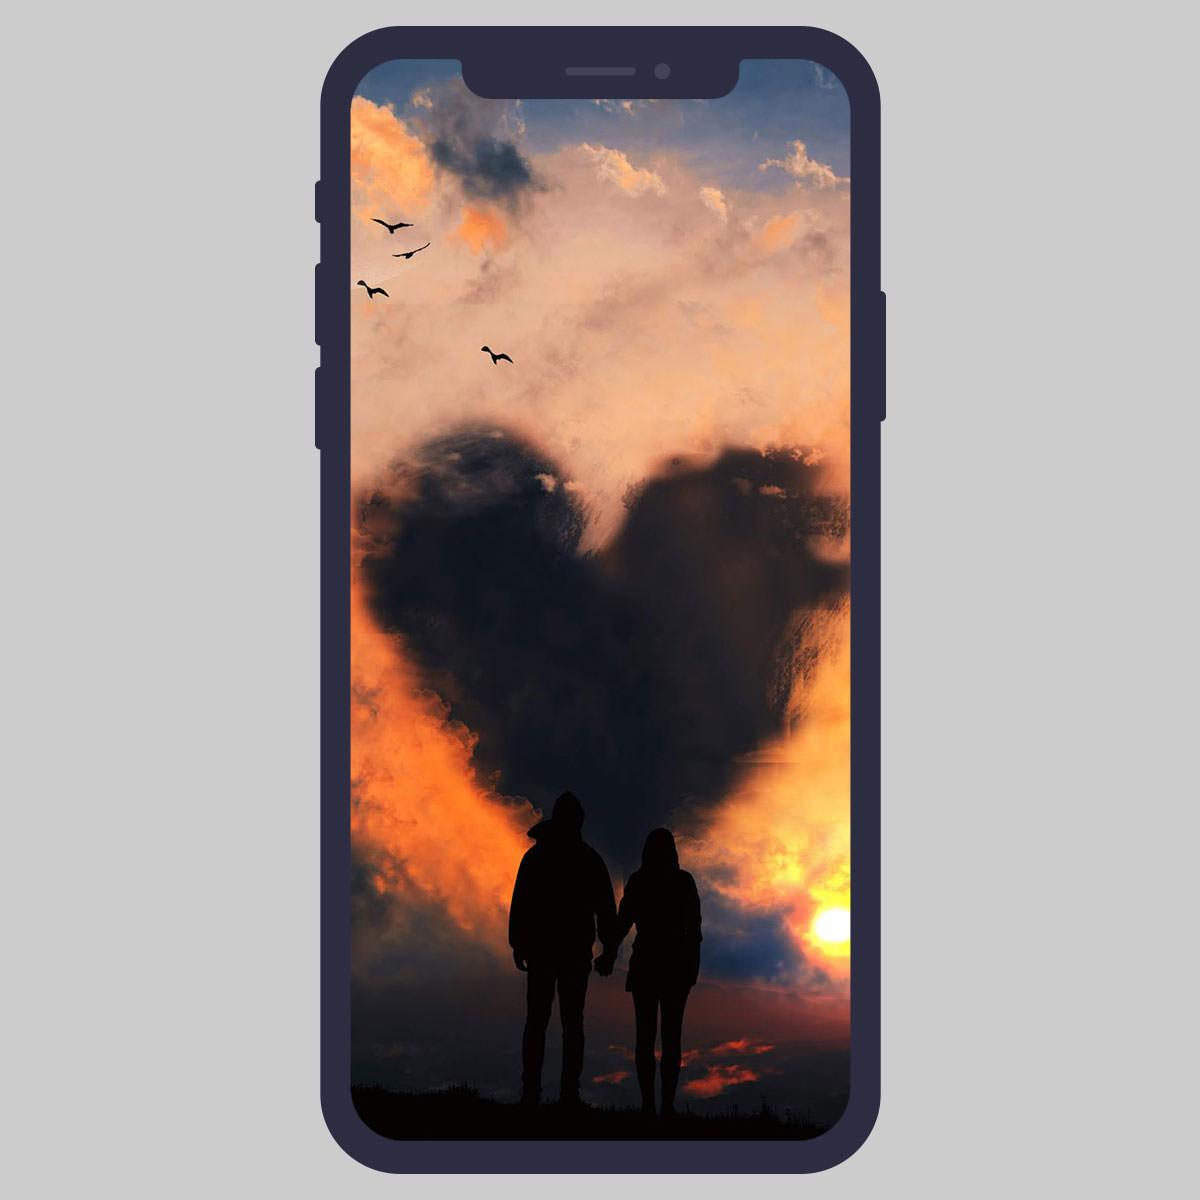 تصویر زمینه فانتزی دخترانه شیک برای موبایل